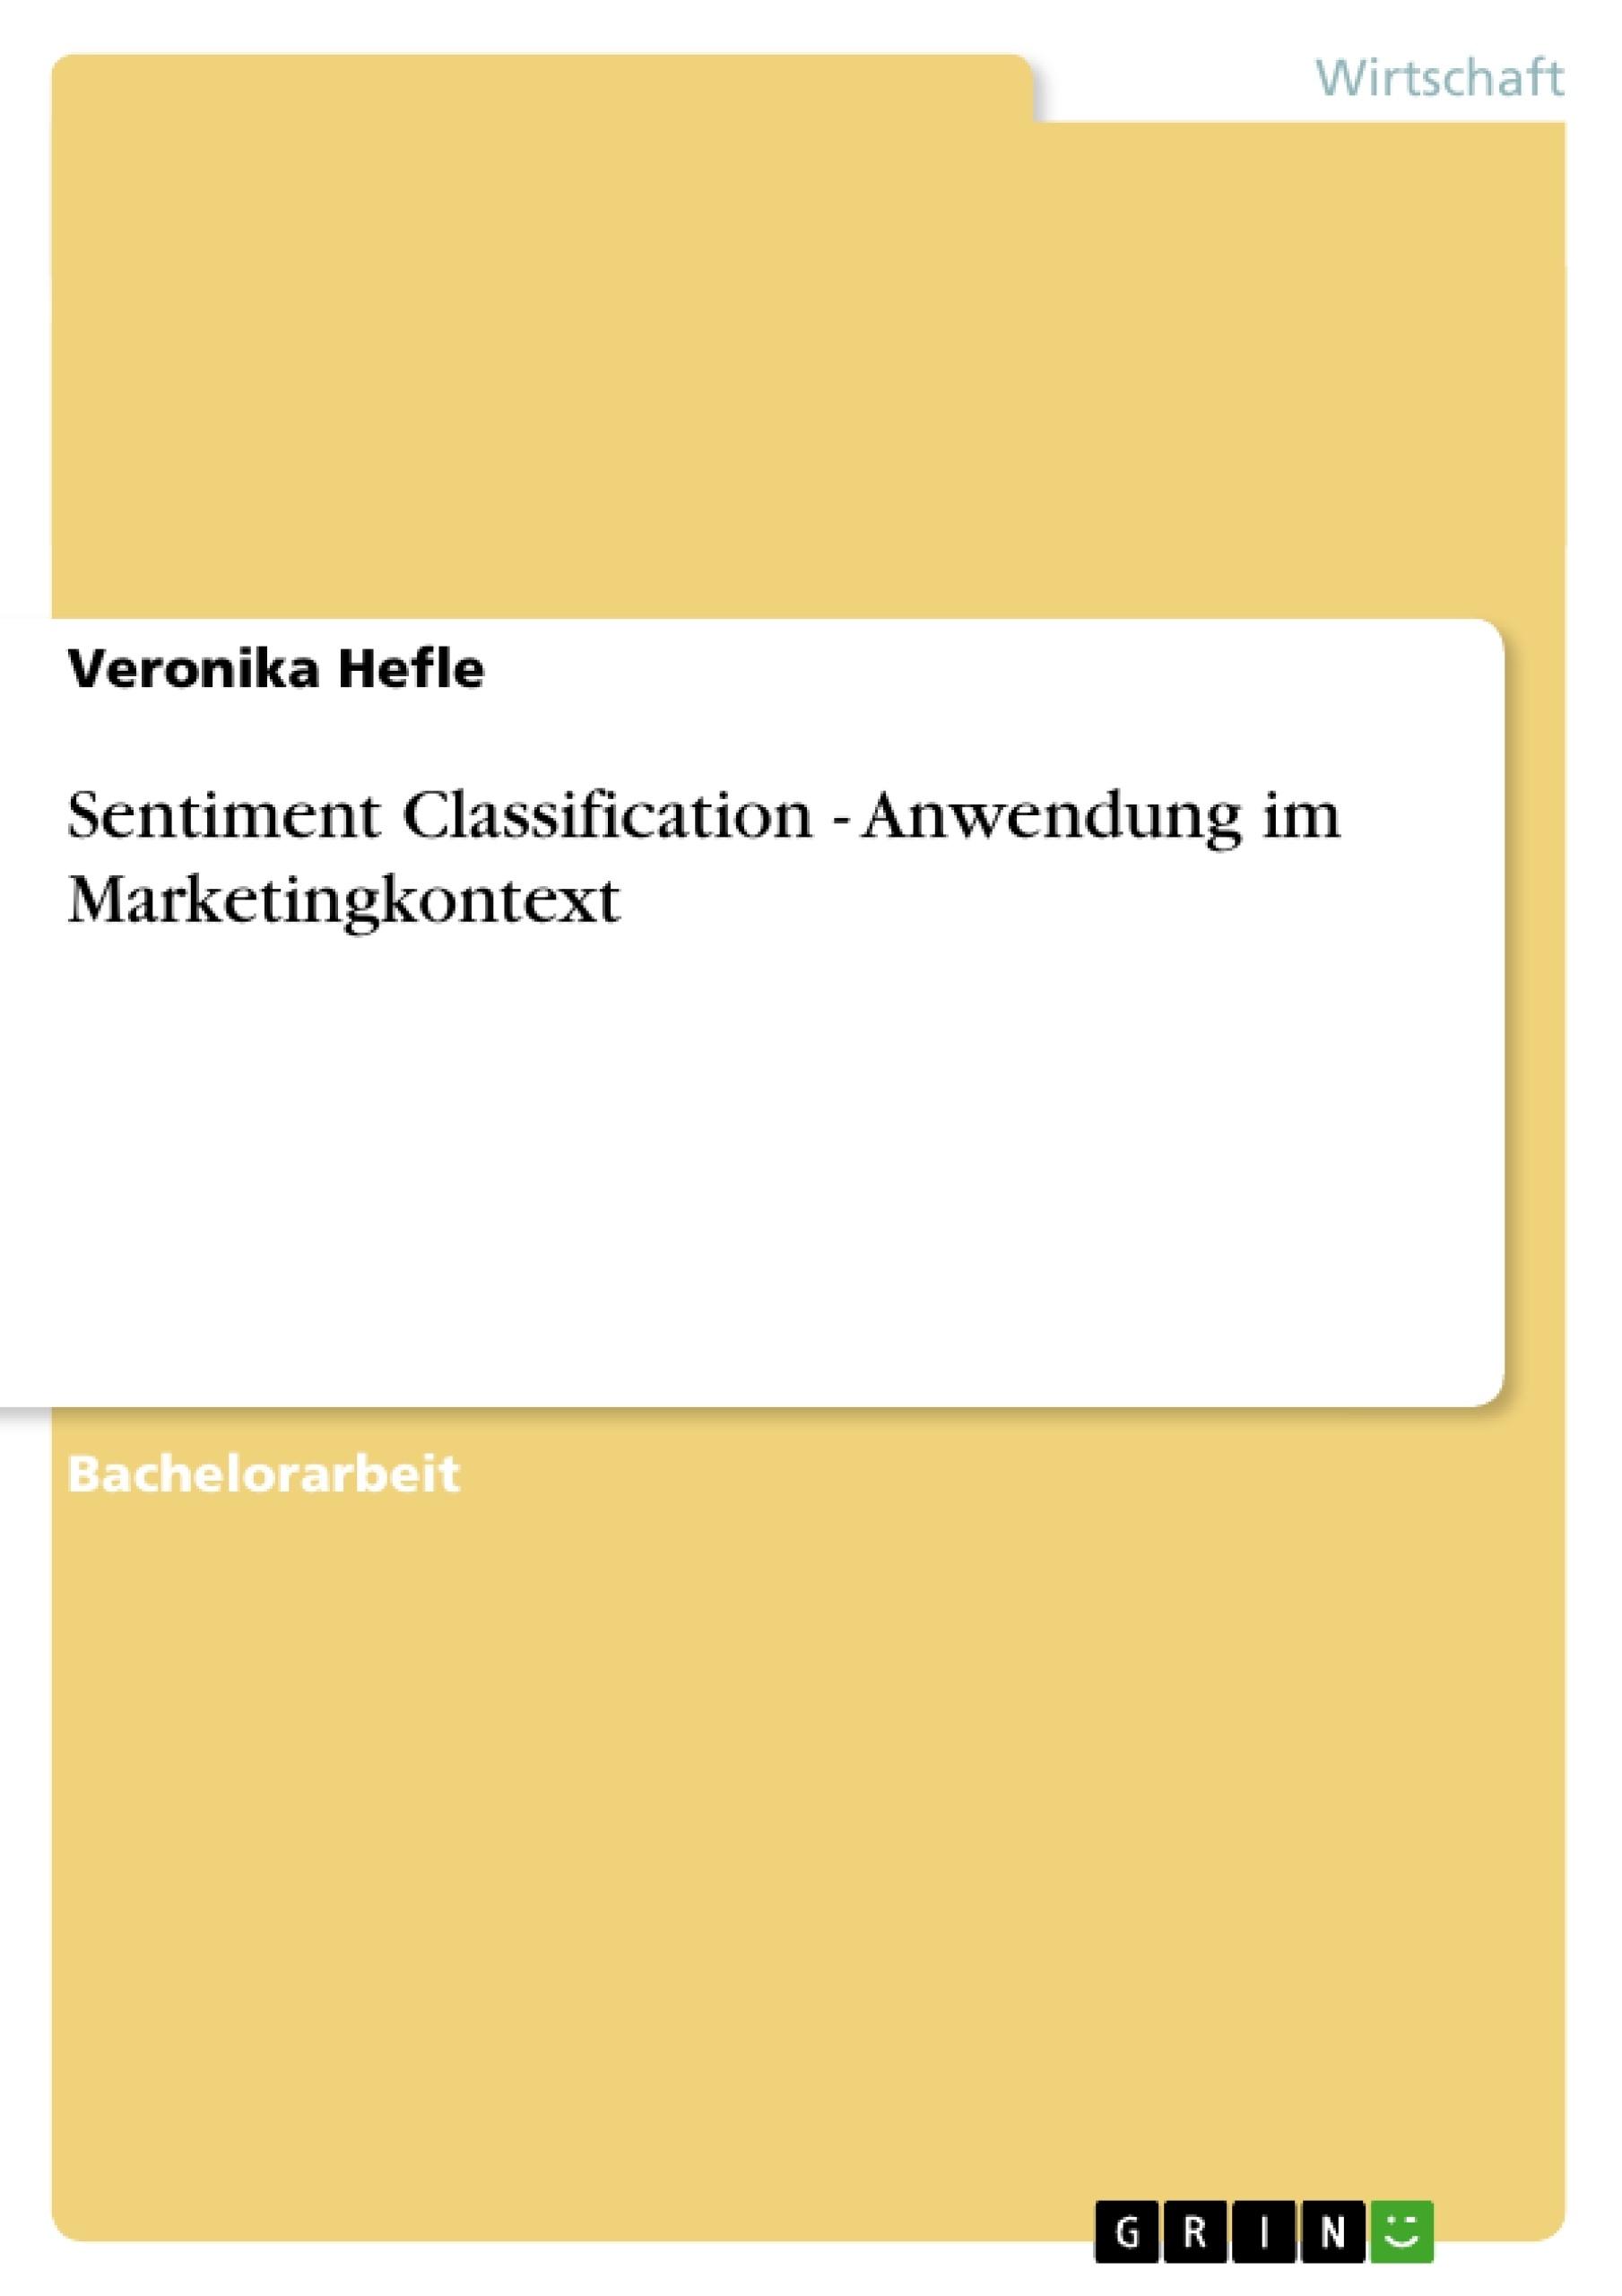 Titel: Sentiment Classification - Anwendung im Marketingkontext